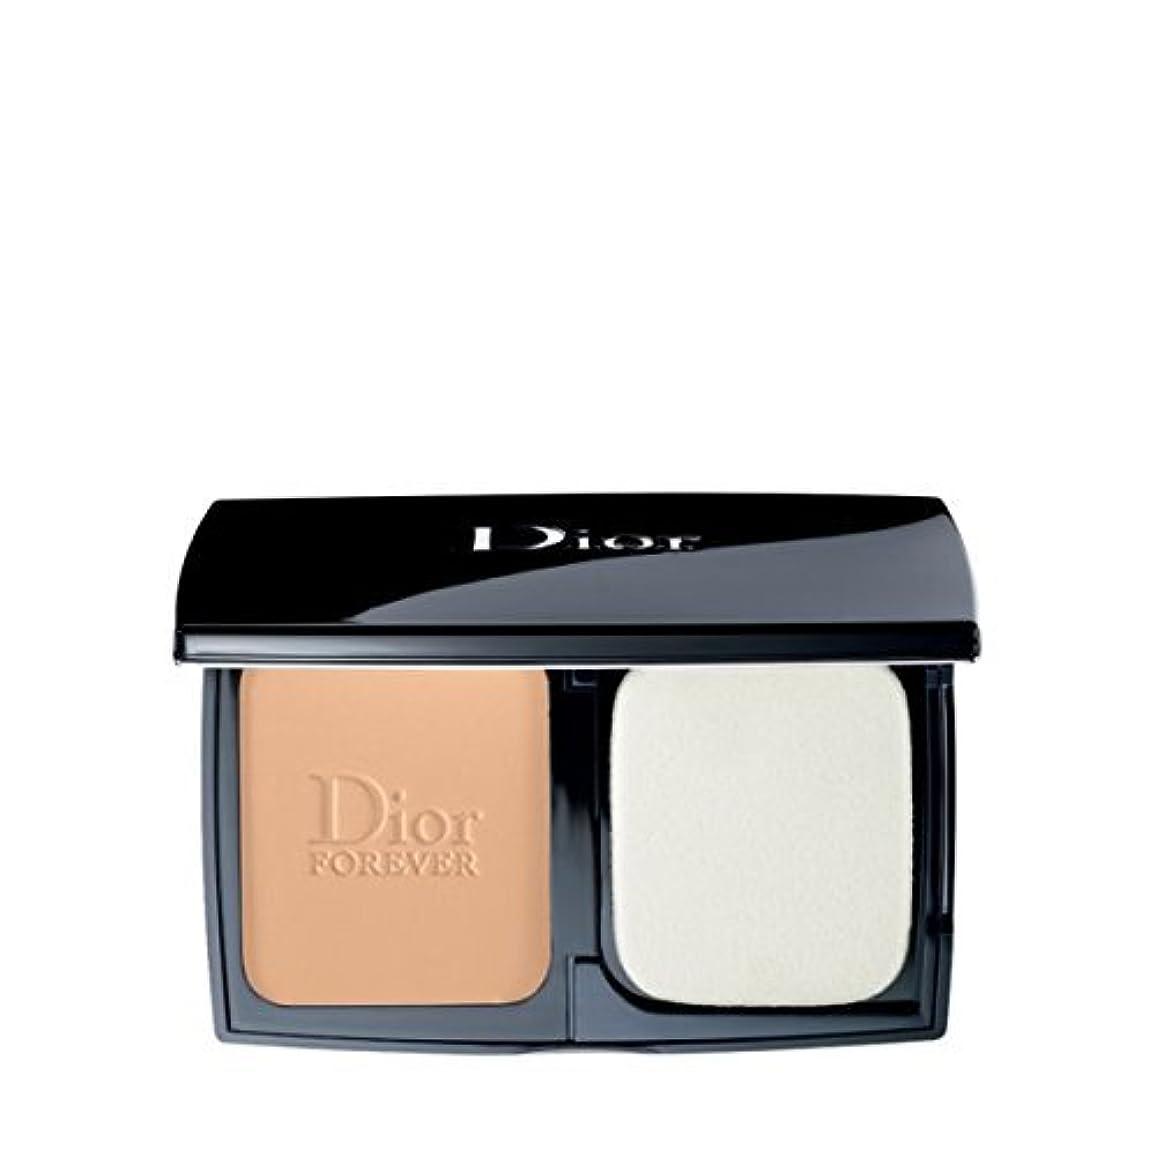 上向き乳白色無能Dior(ディオール) ディオールスキン フォーエヴァー コンパクト エクストレム コントロール (#020:ライト ベージュ)